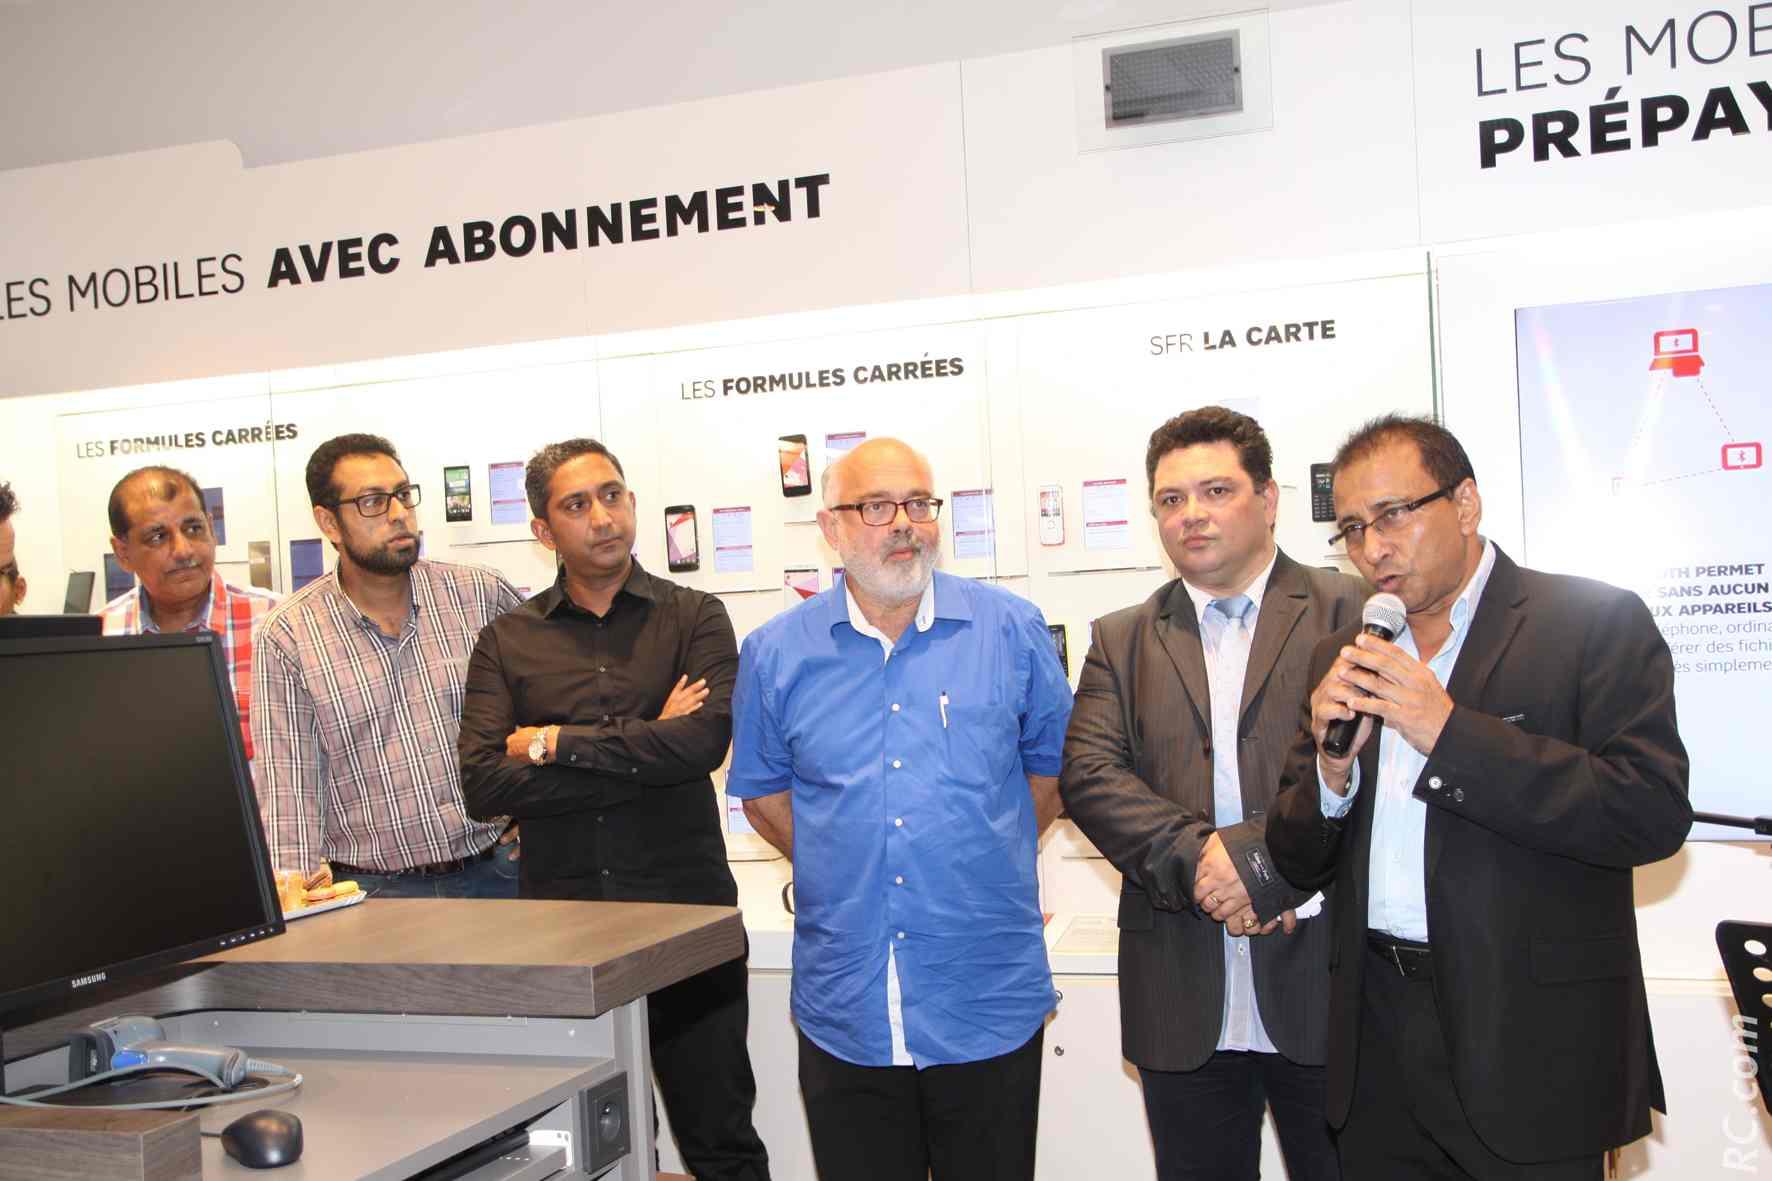 Patrick Malet, maire de Saint-Louis, Ibrahim Patel, Luc-Guy Fontaine, et Younous Adame, de la CCIR et président de l'association des commerçants de Saint-Benoît